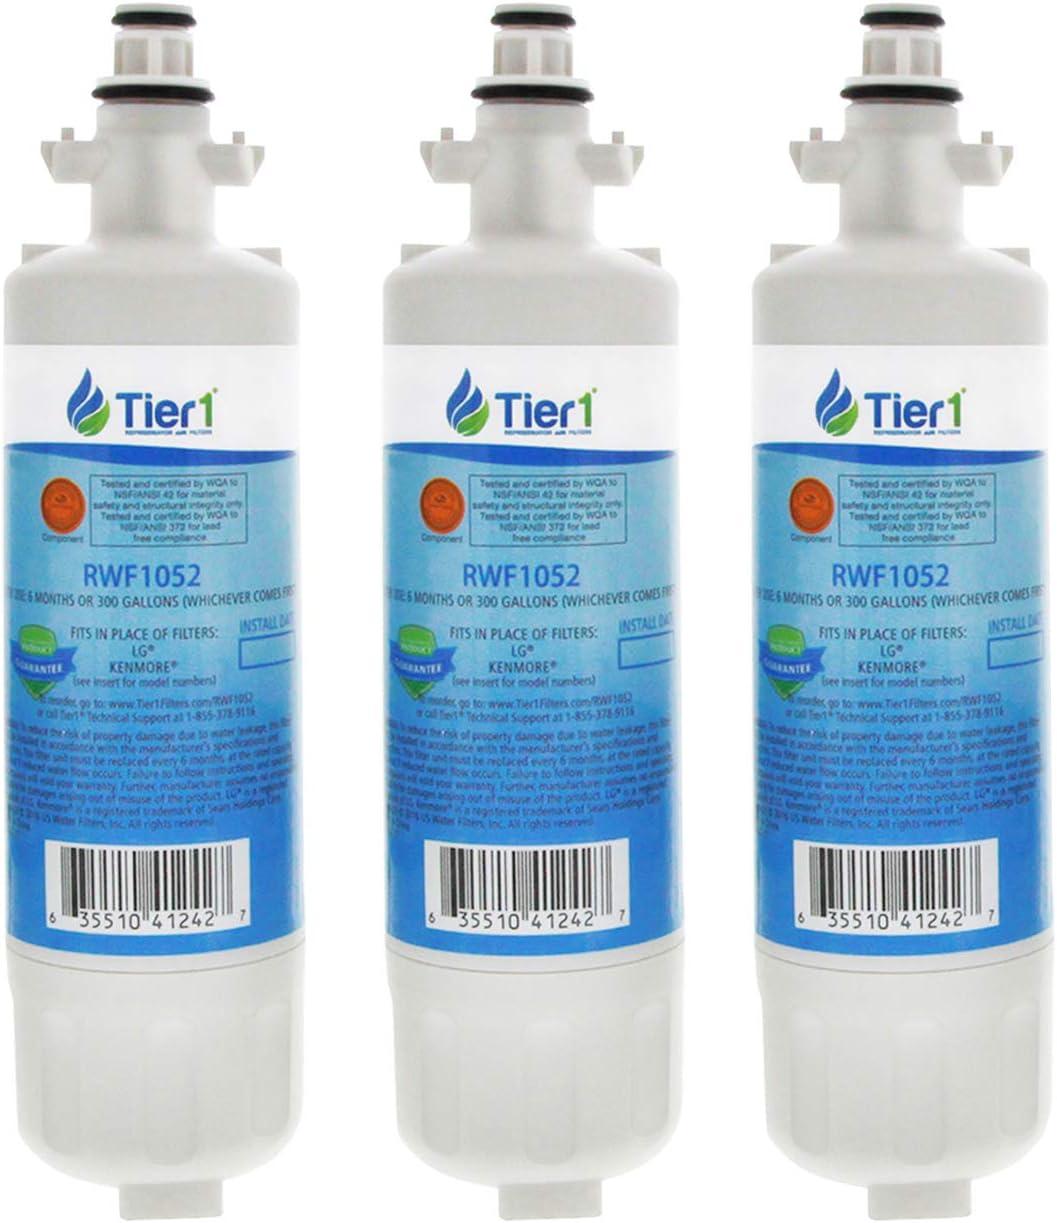 Compatible LG LT 700p réfrigérateur Filtre adq36006101 adq36006102 Filtre eff-6032a